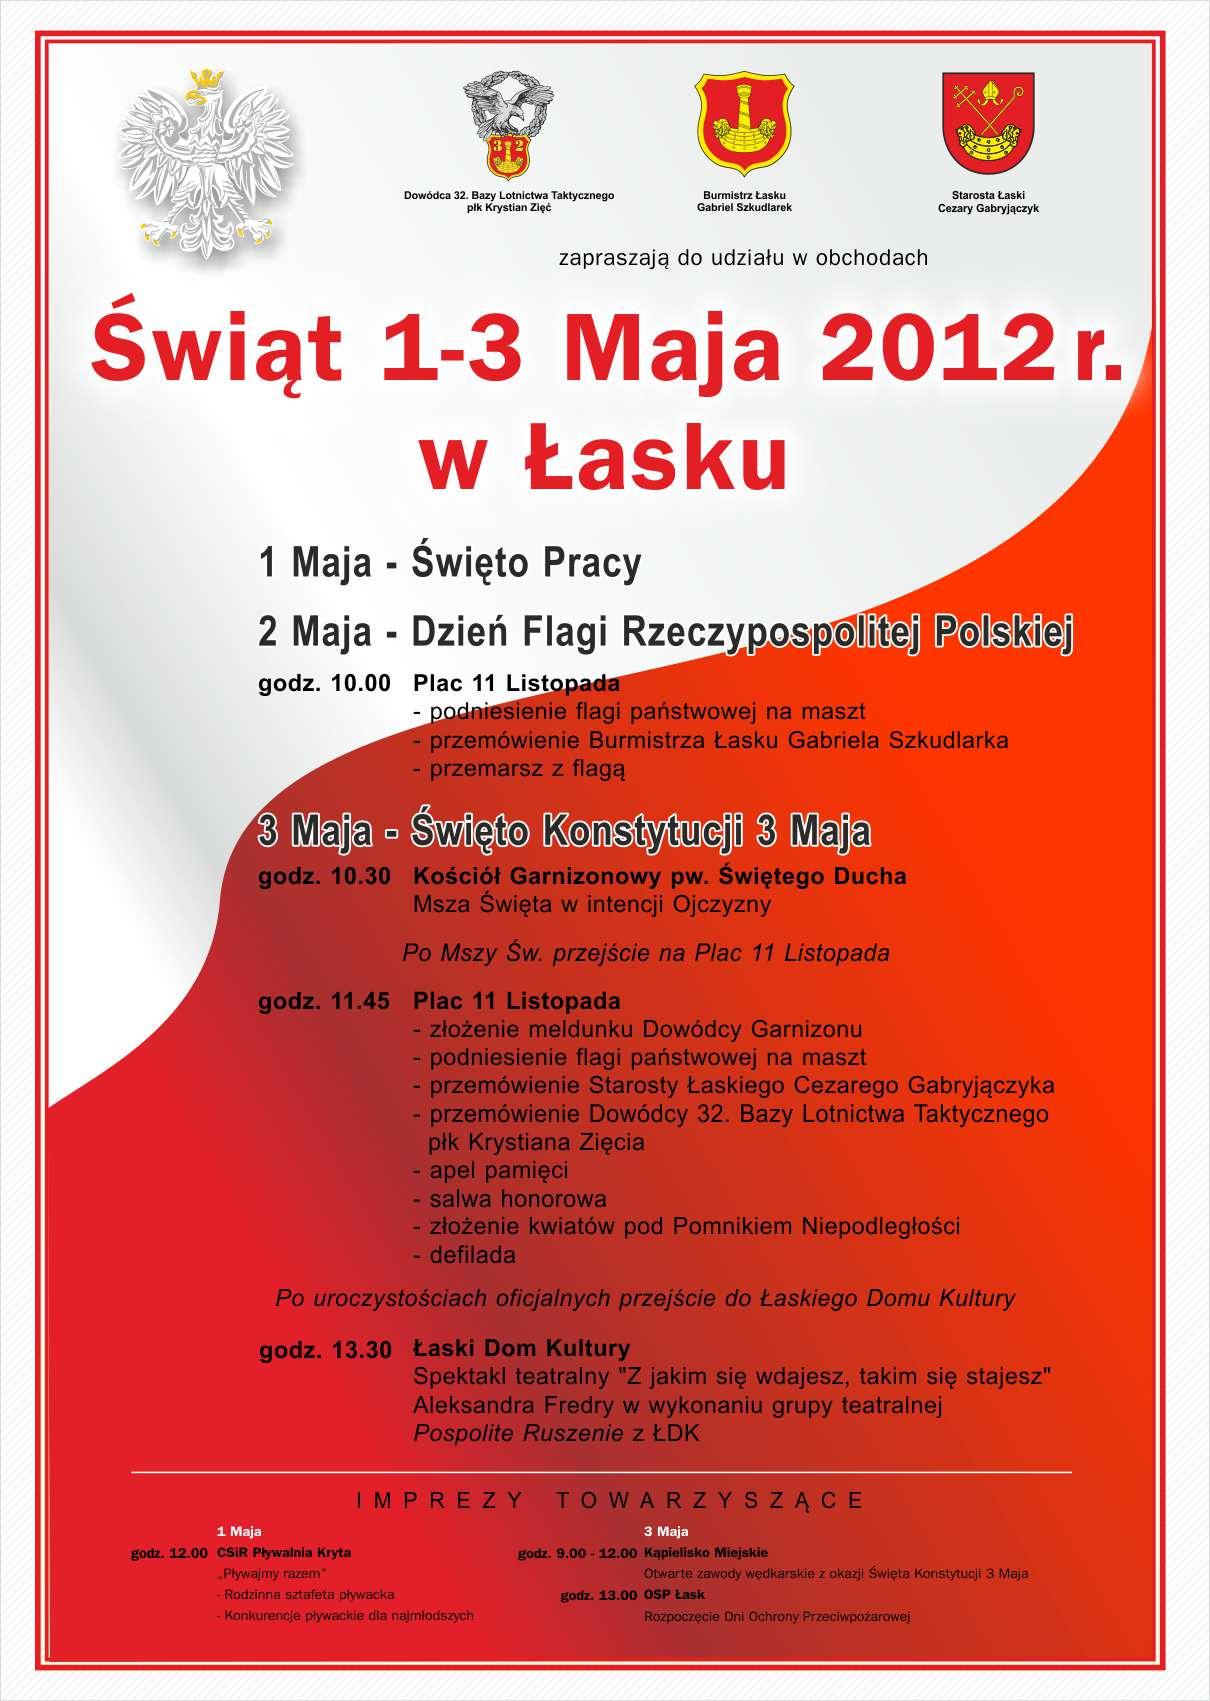 1-3-Maja-w-Łasku-(1).jpg